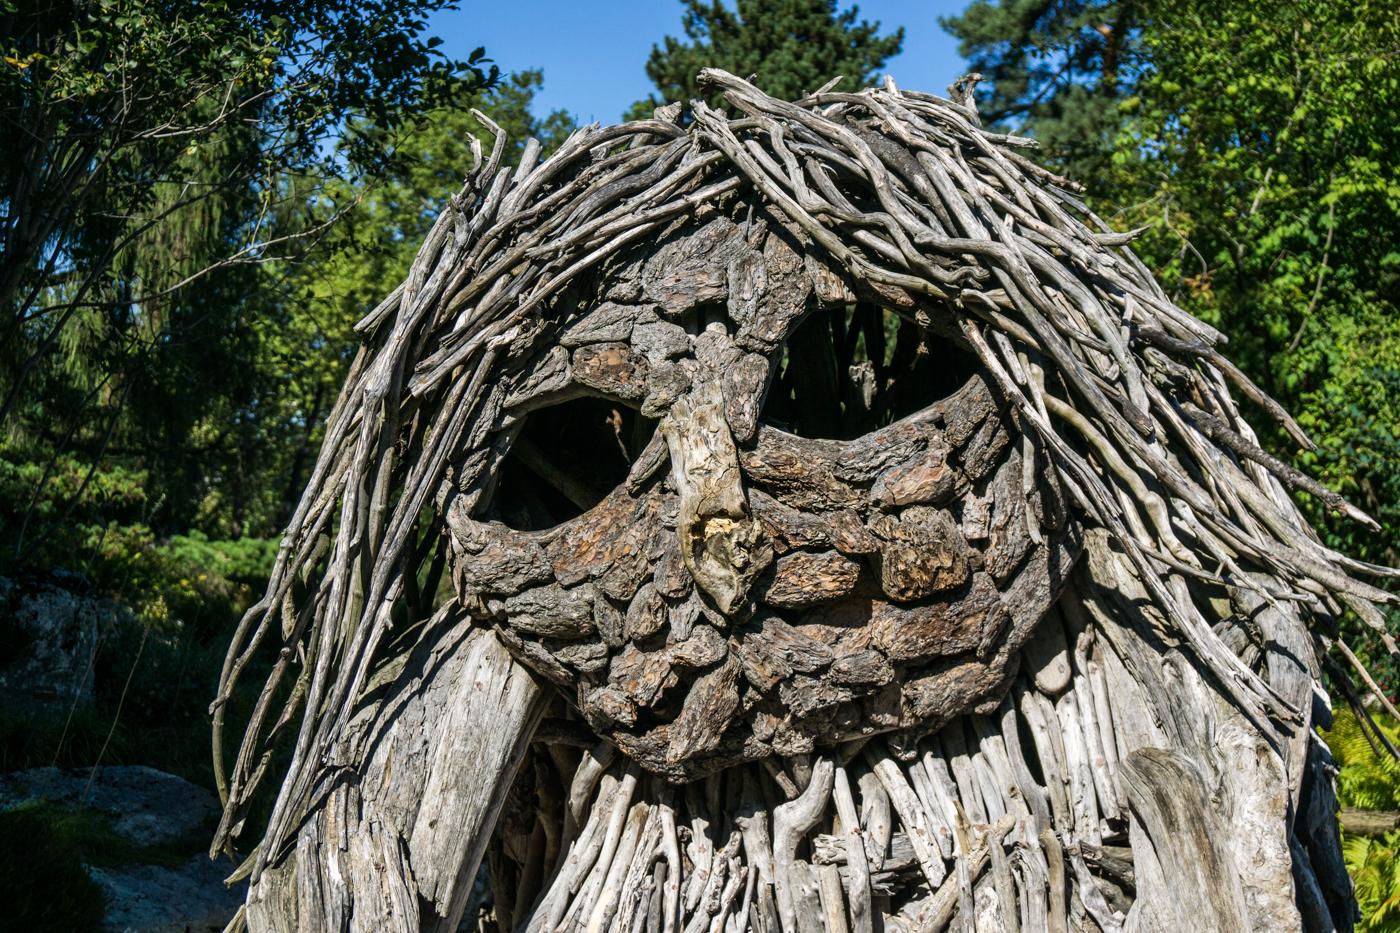 les tranges bestioles du jardin botanique de genve sign genve - Jardin Botanique Geneve